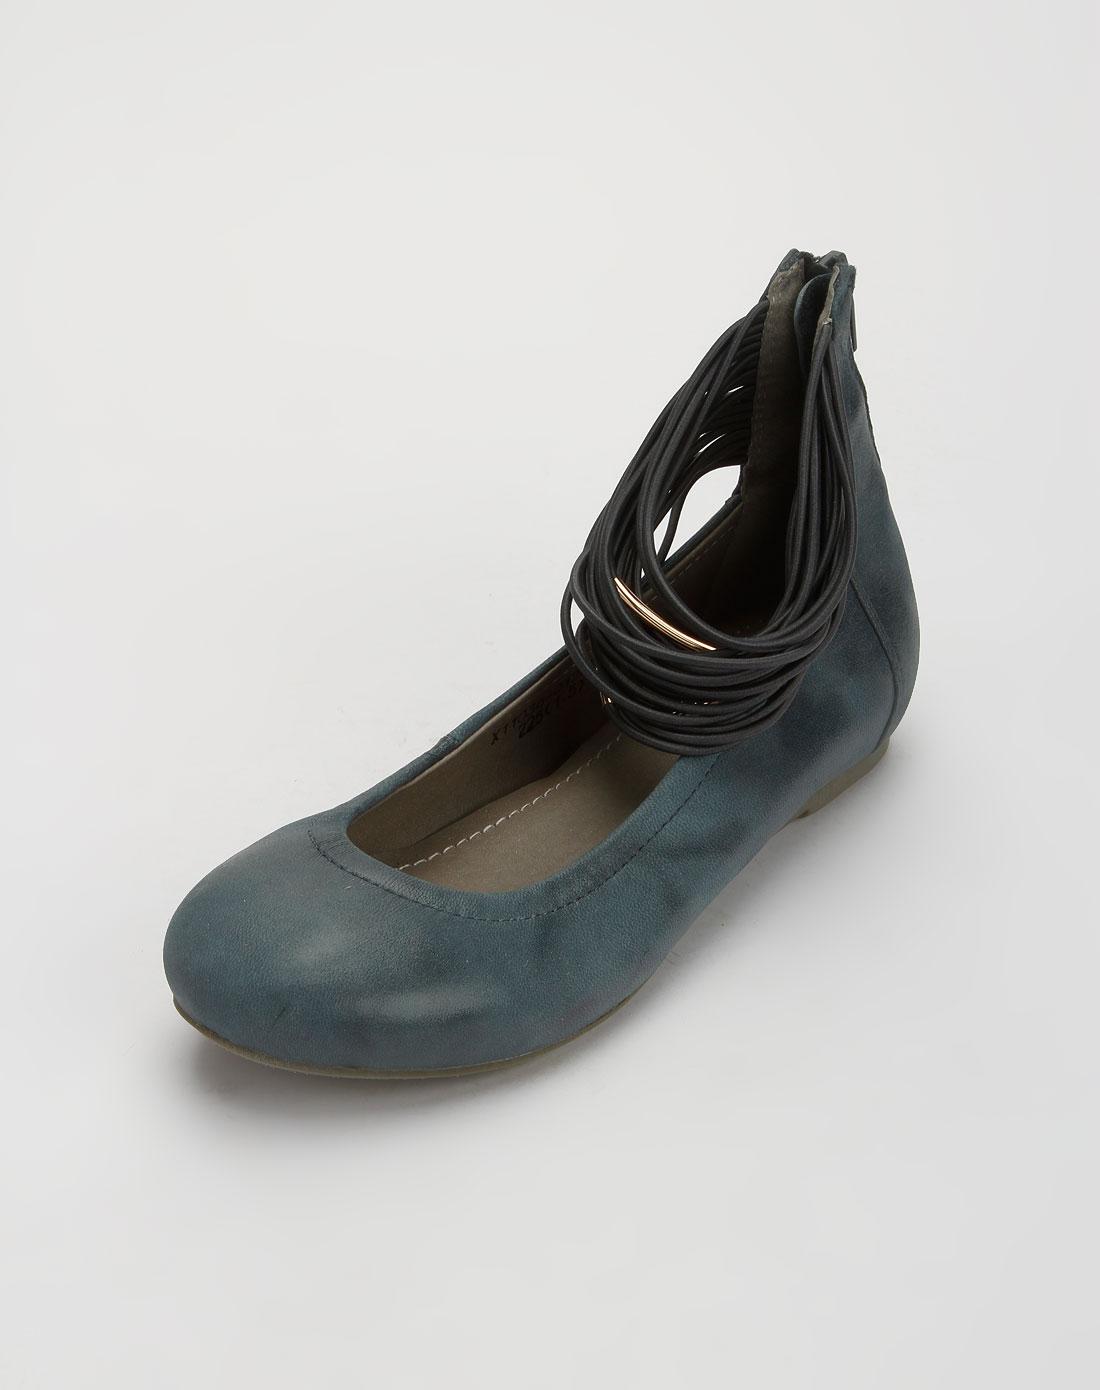 馨宠儿xinchonger女款暗蓝色时尚平底凉鞋x11038-ja